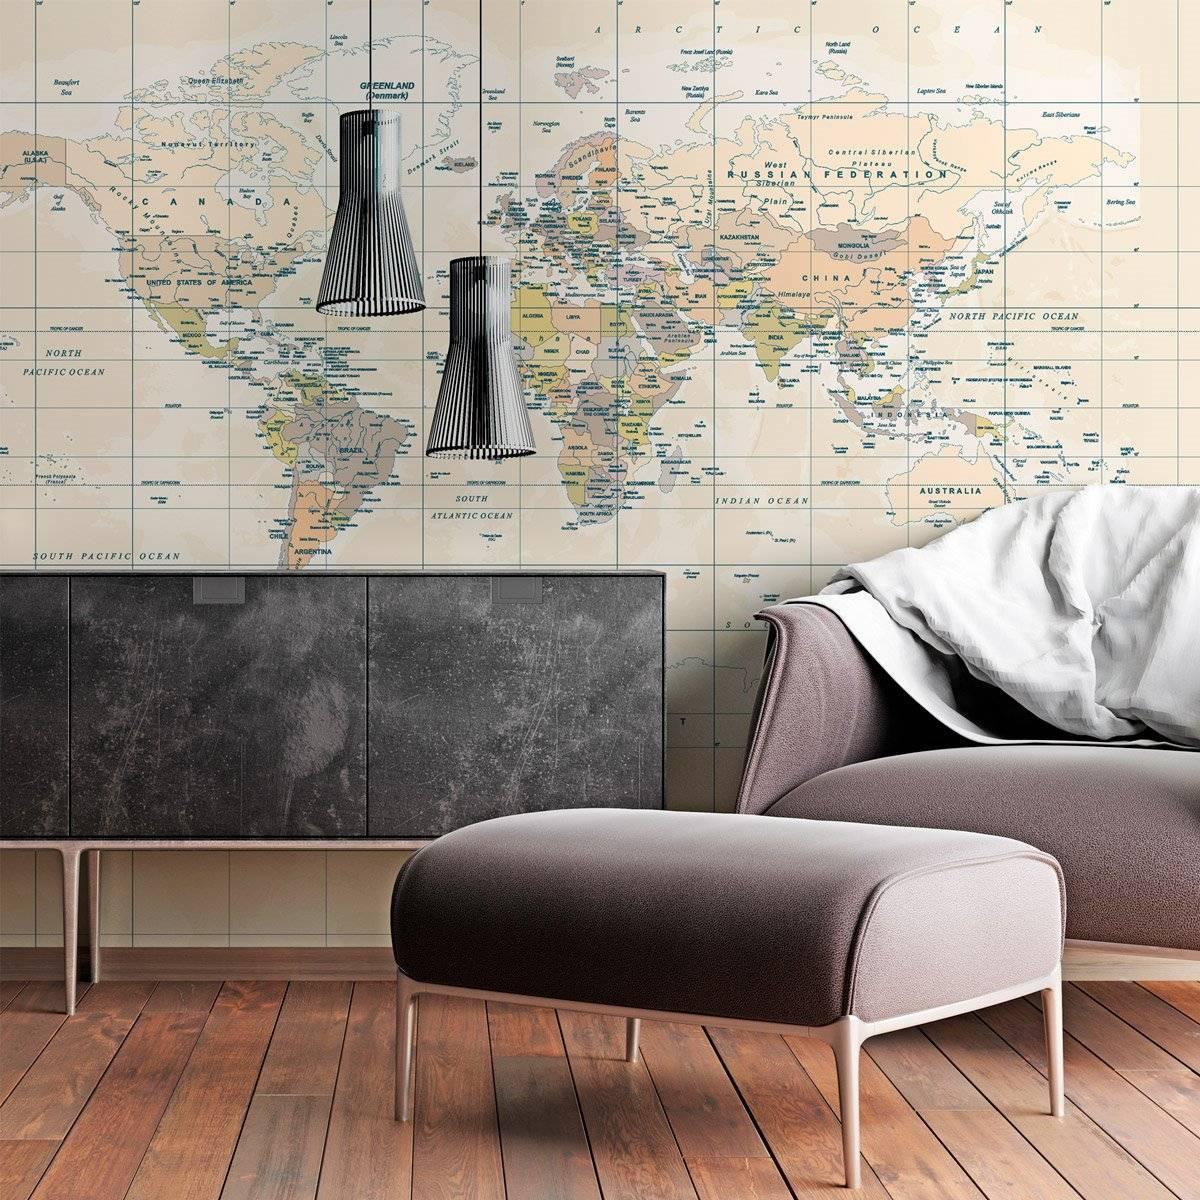 Papel de Parede Mapa Mundi Vintage | Painel Fotográfico m² imagem 1